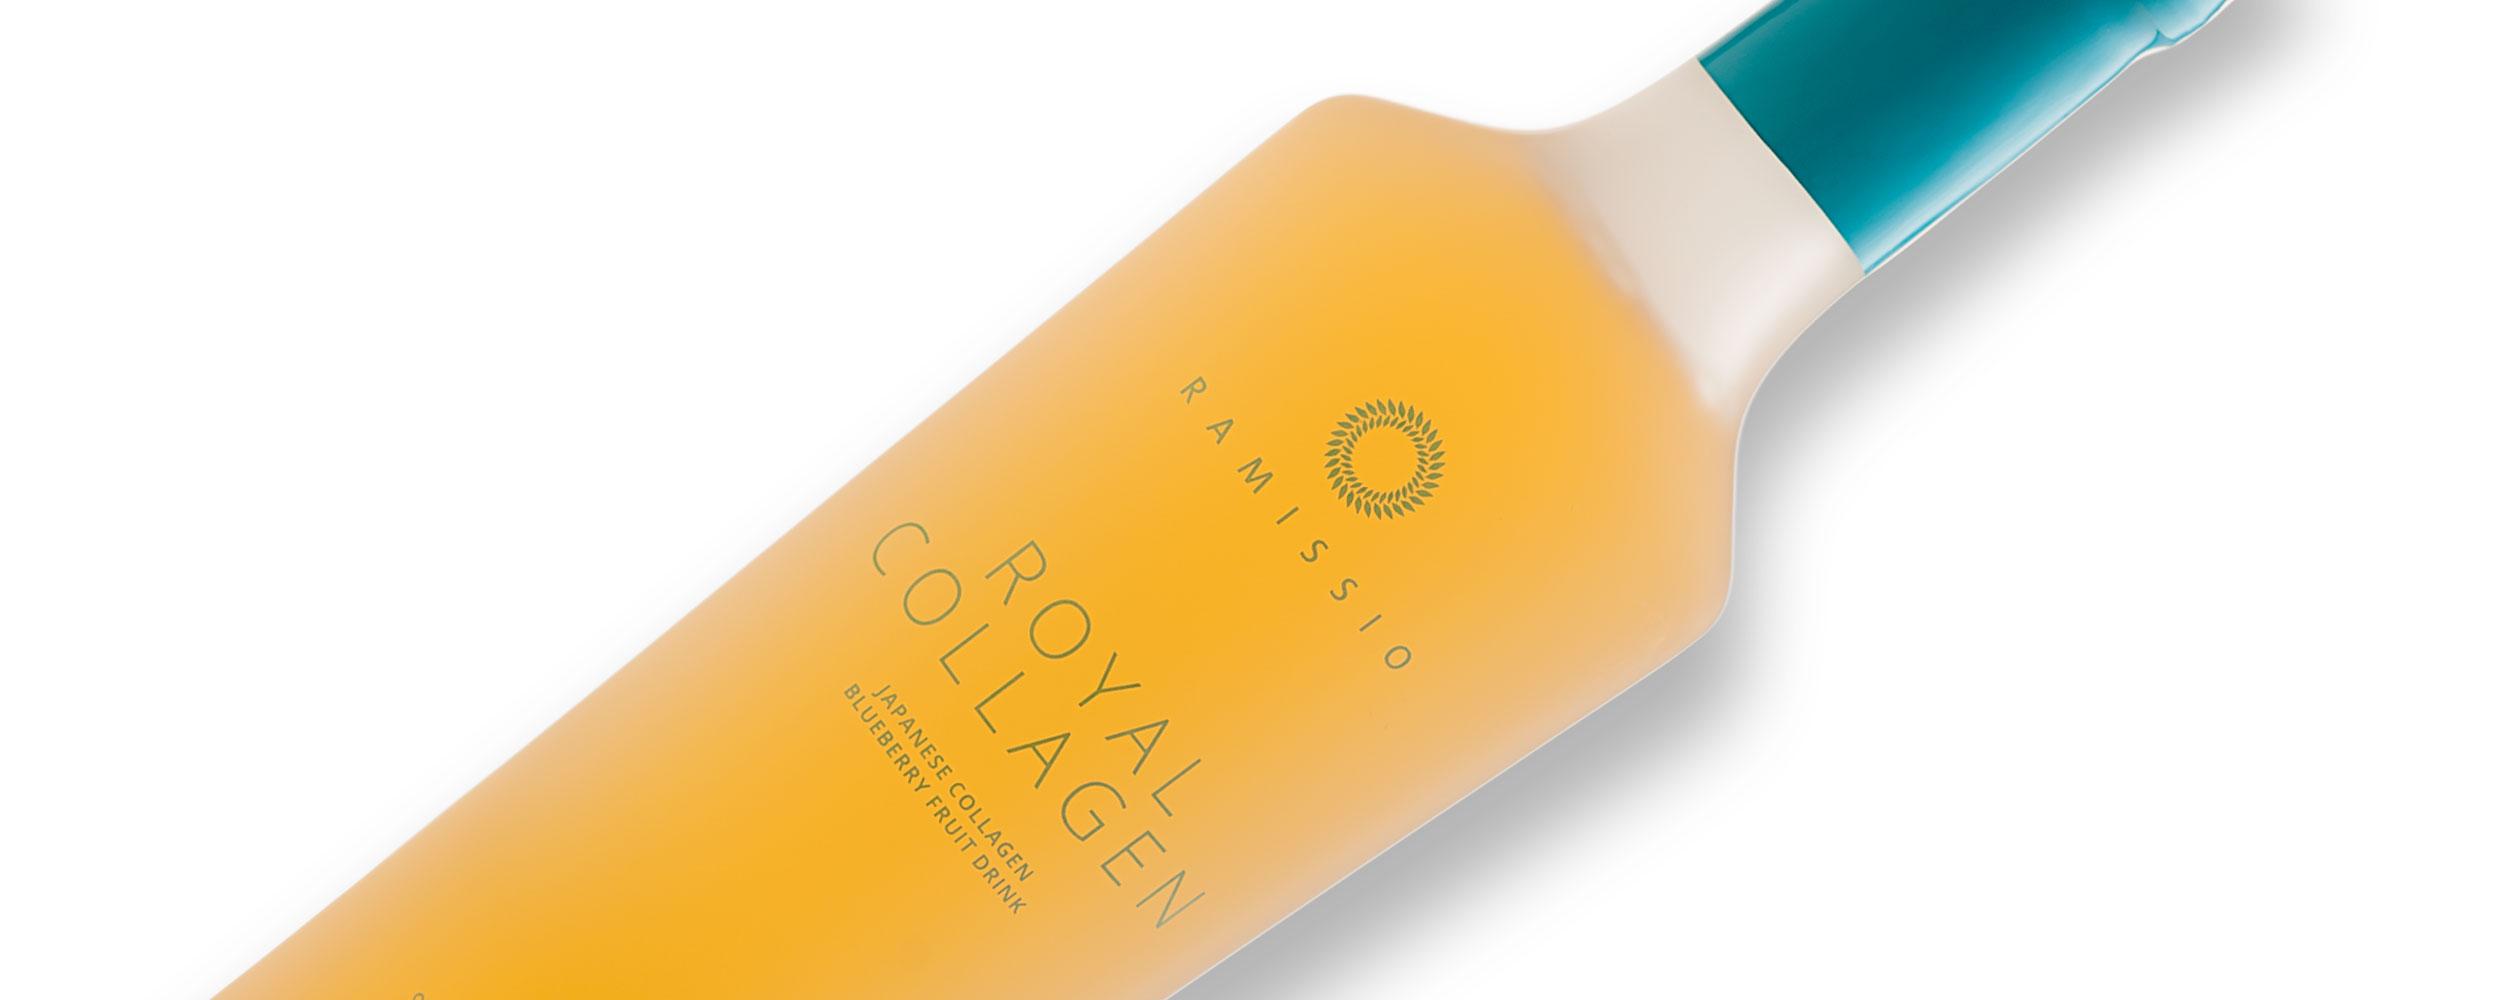 collagen_bottle